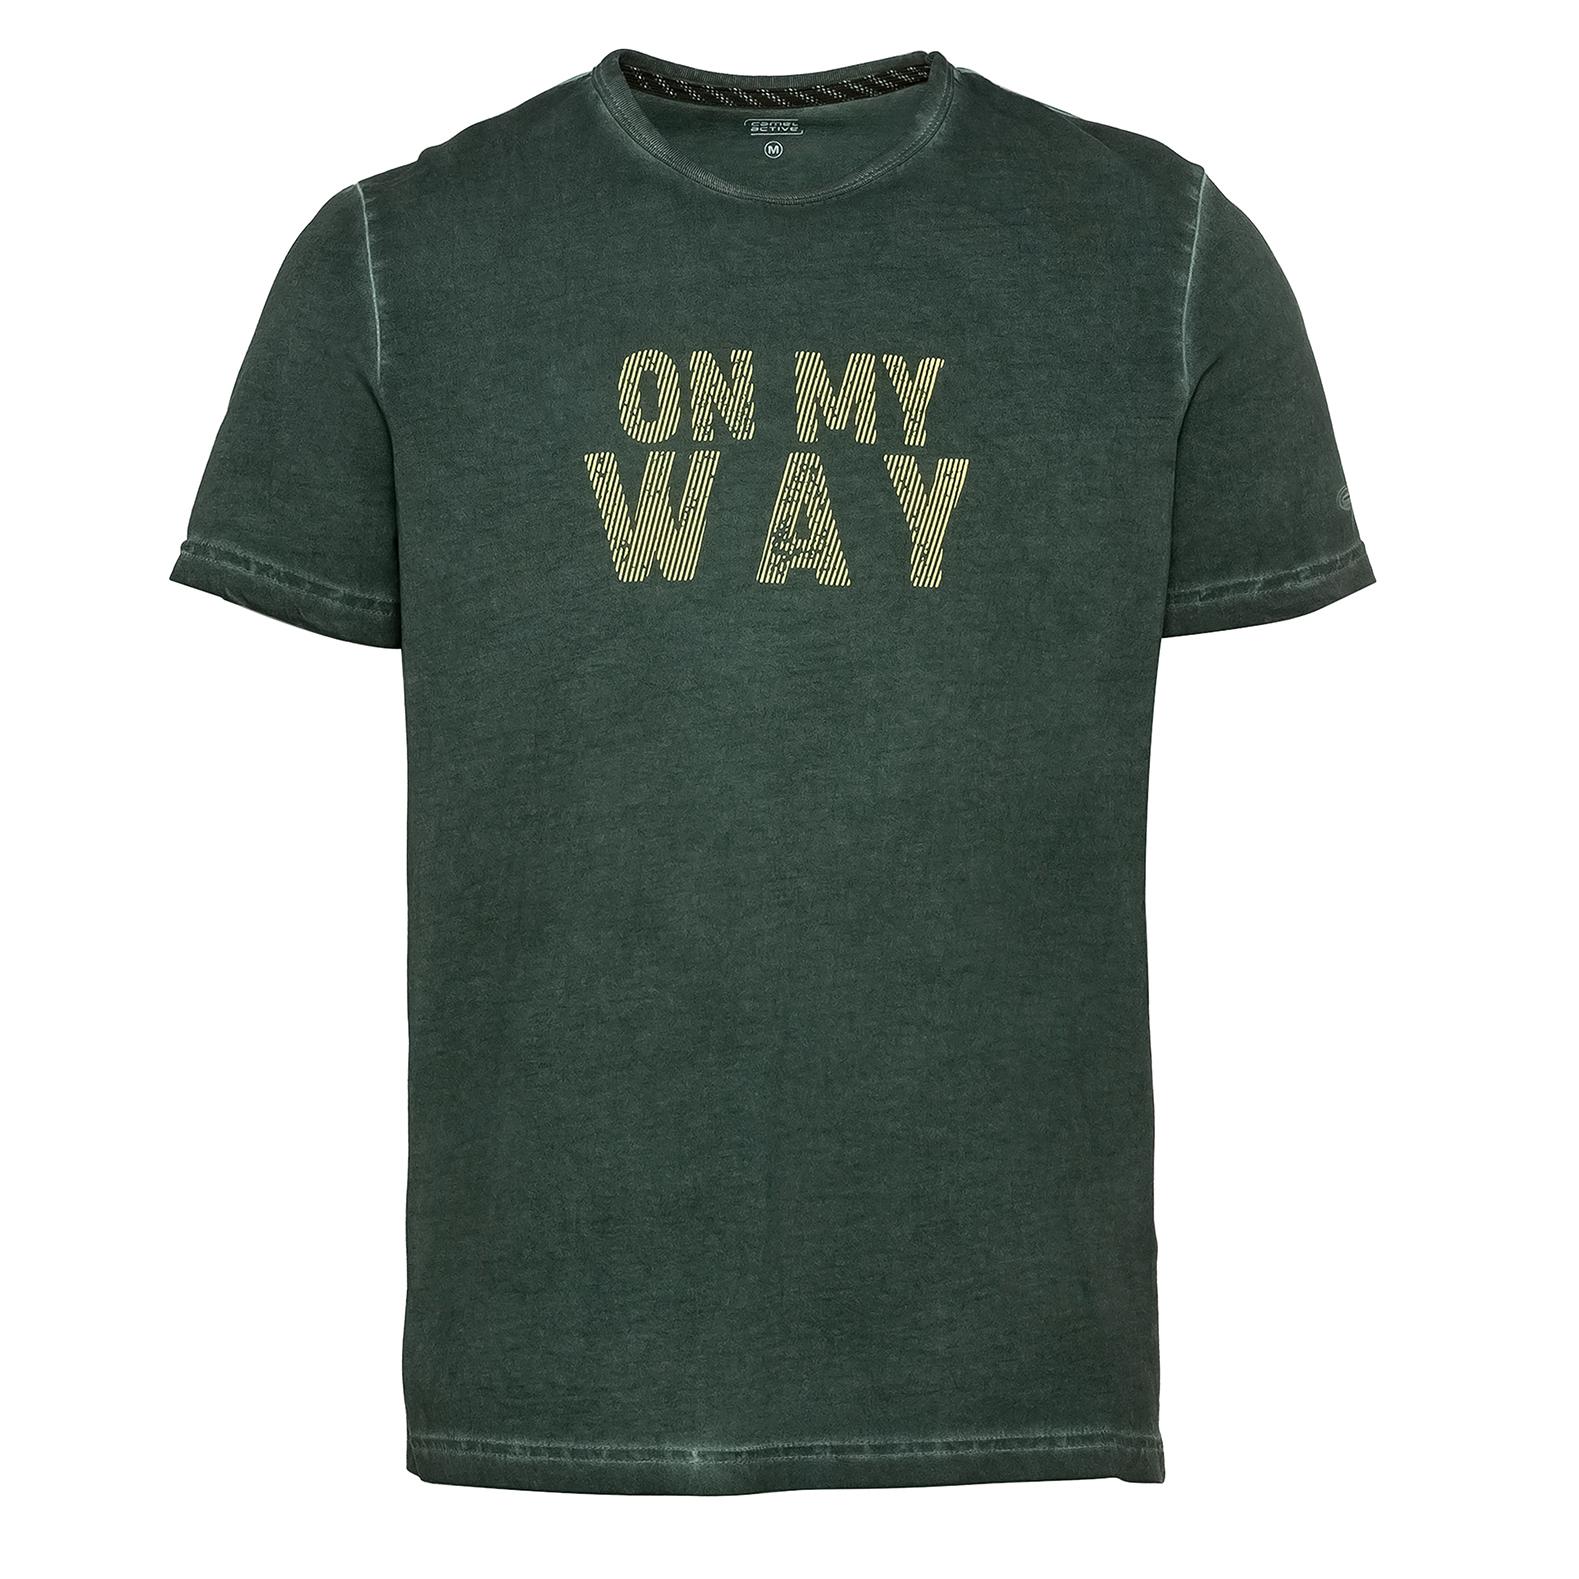 Camel active Herren T-Shirt Shirt kurzarm dunkel grün Print 5T27409643 35